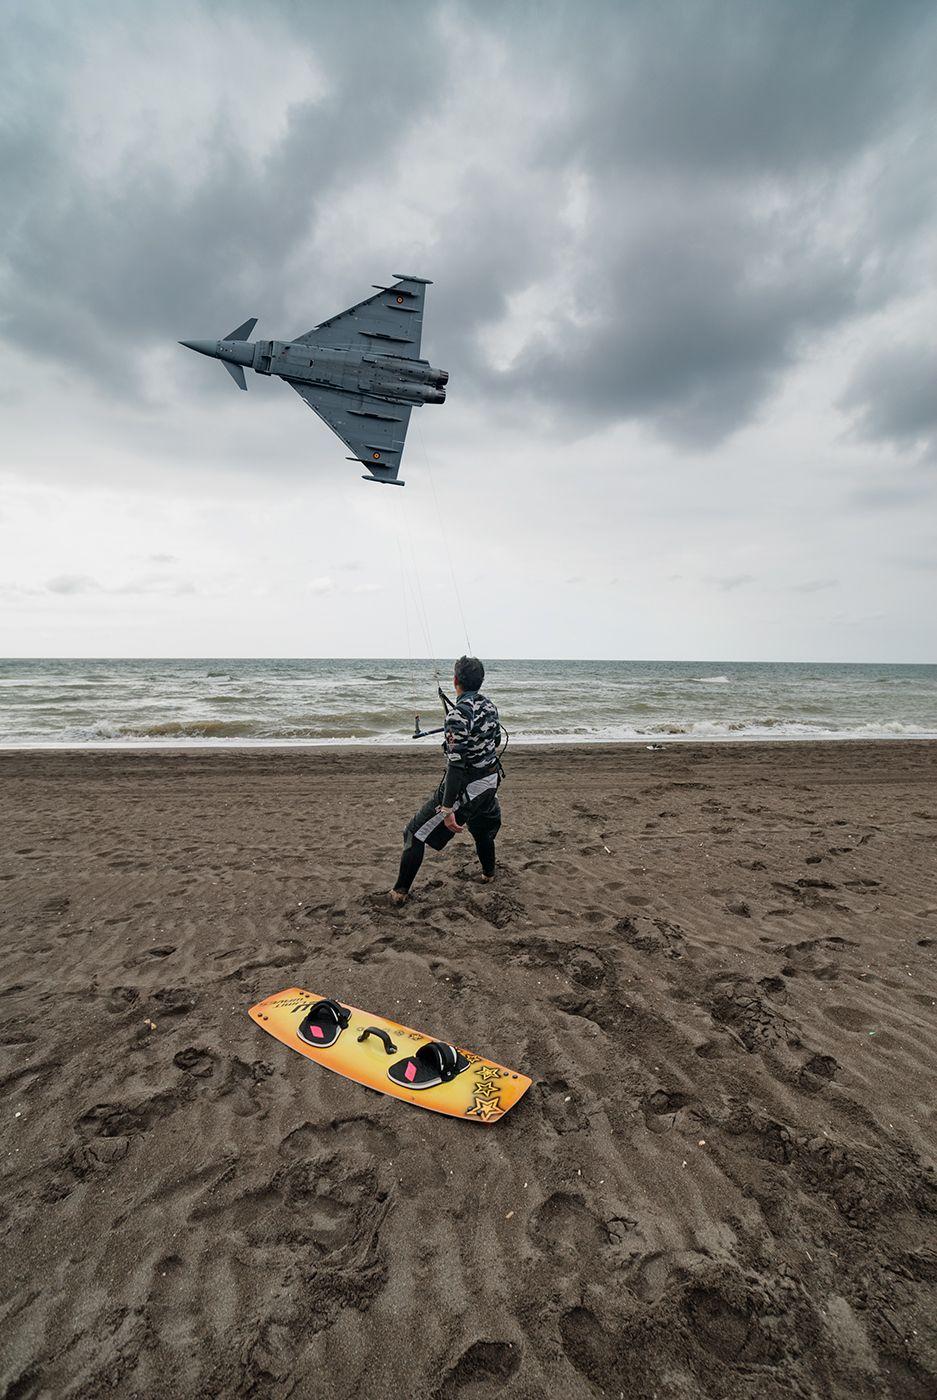 El kitesurf o kitesurfing – cielos rotos –